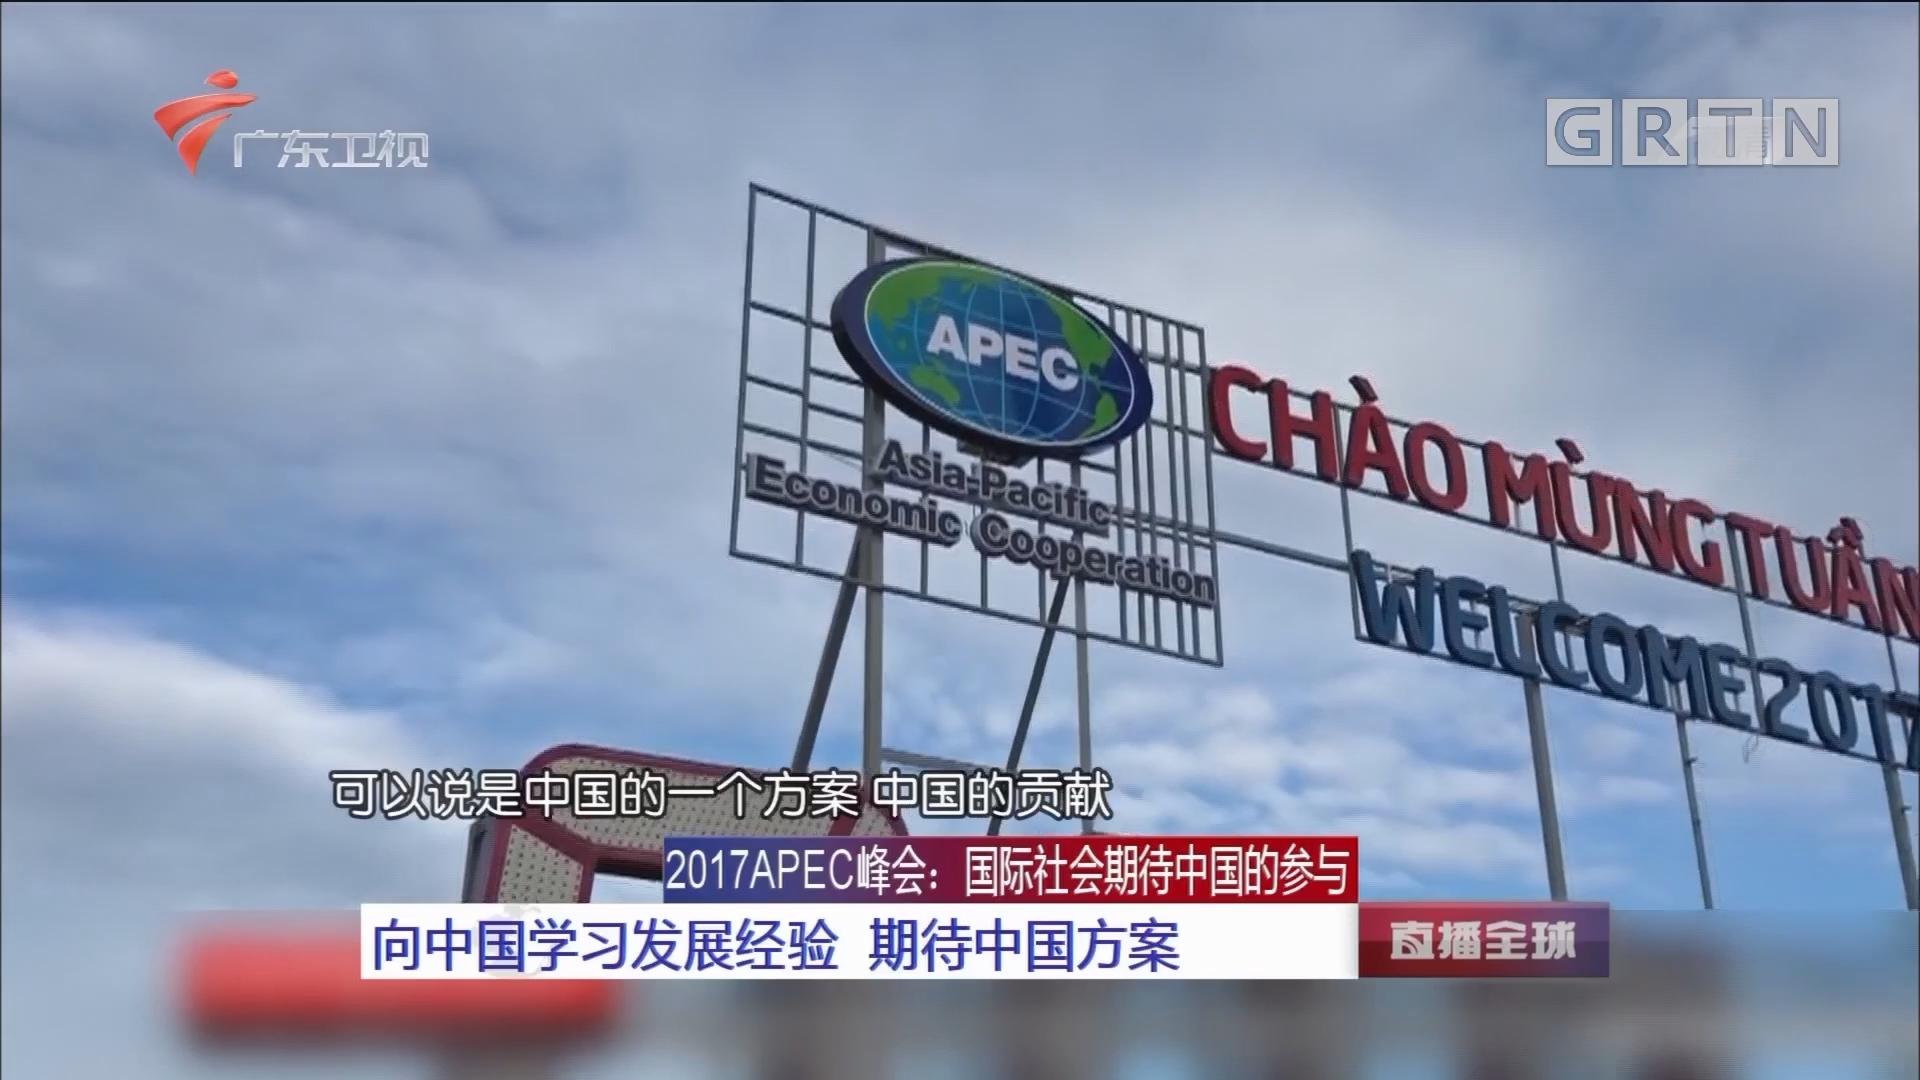 2017APEC峰会:国际社会期待中国的参与 中国为越南APEC注入强心剂